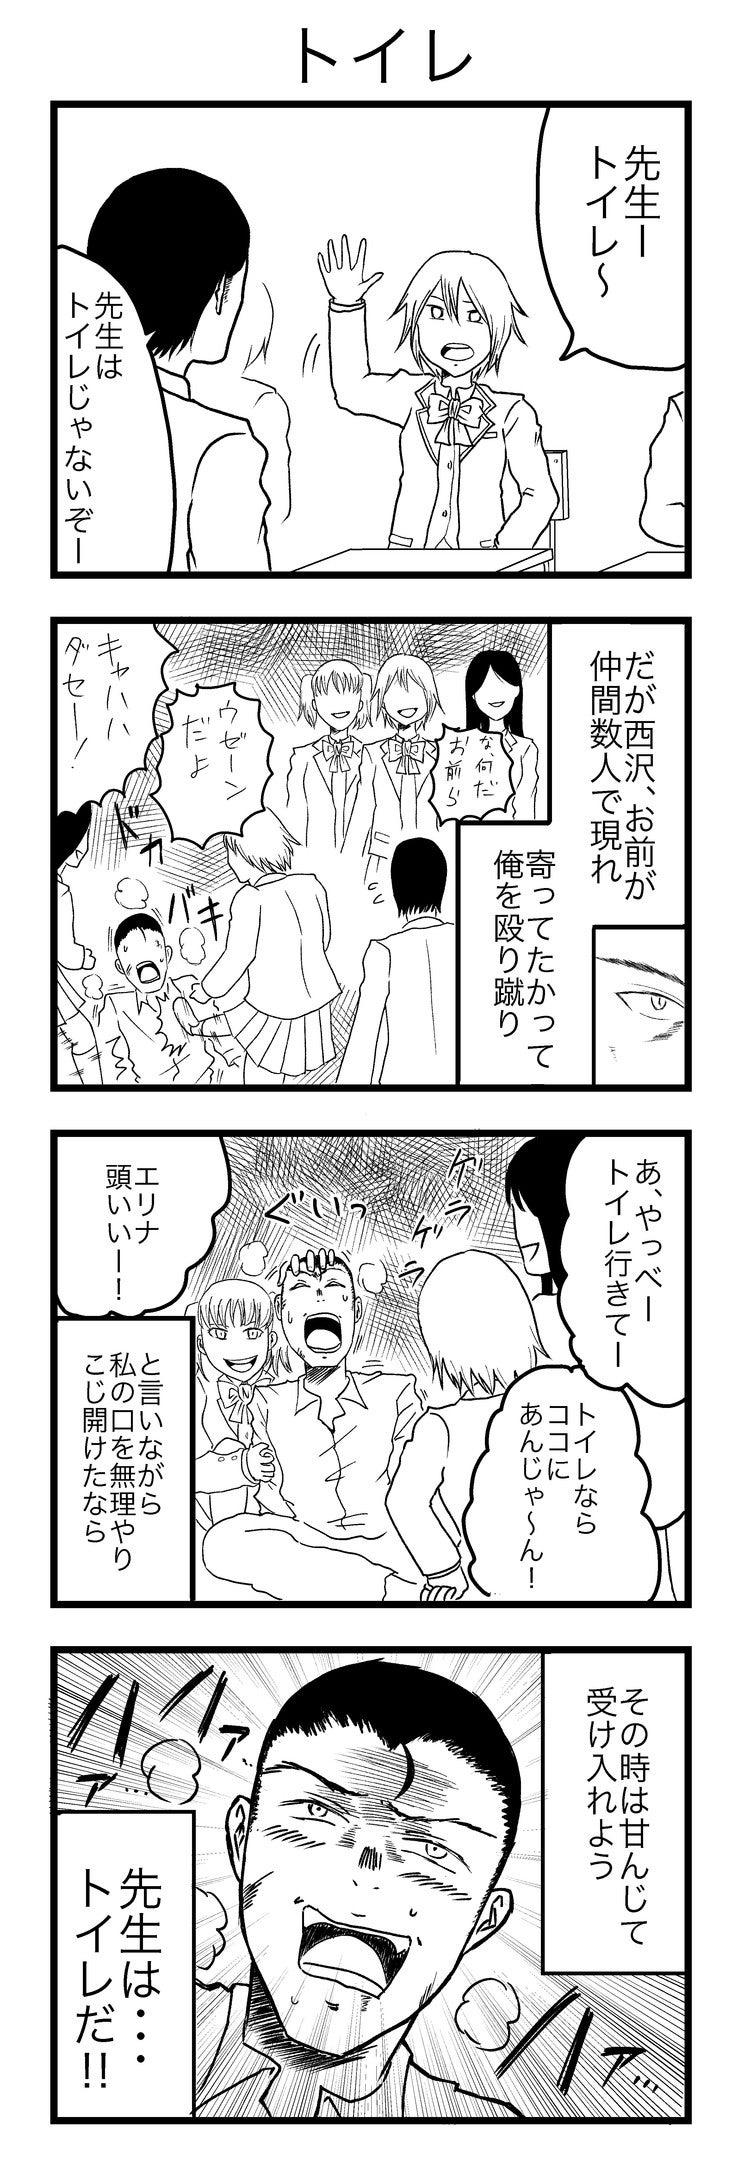 漫画 ネタ コマ 四